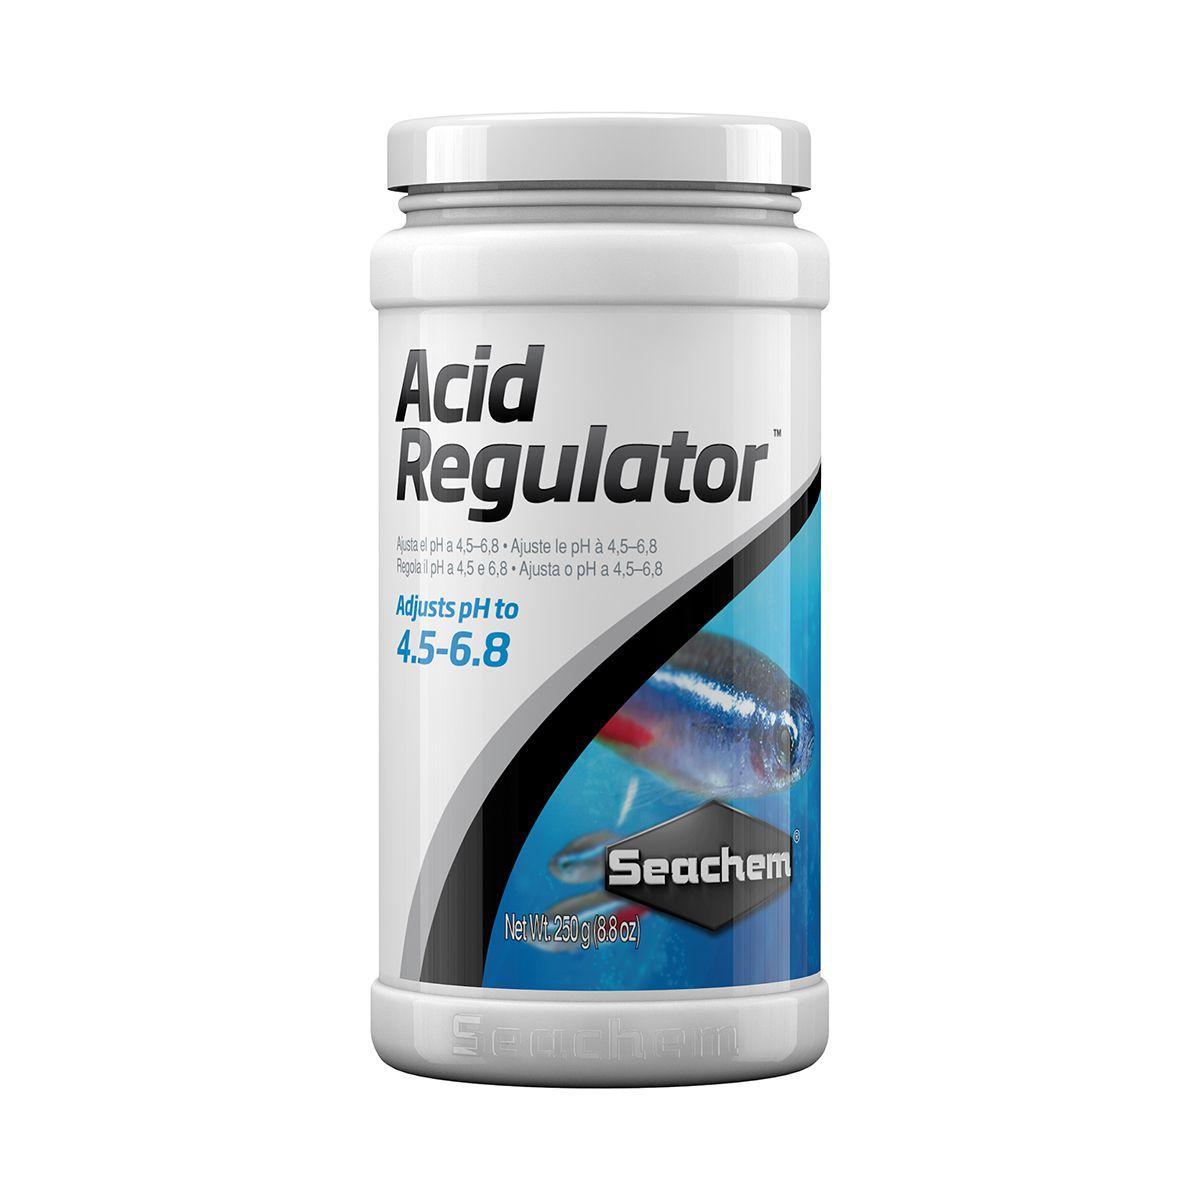 Acidificante para Aquários Seachem Acid Regulator - 250g